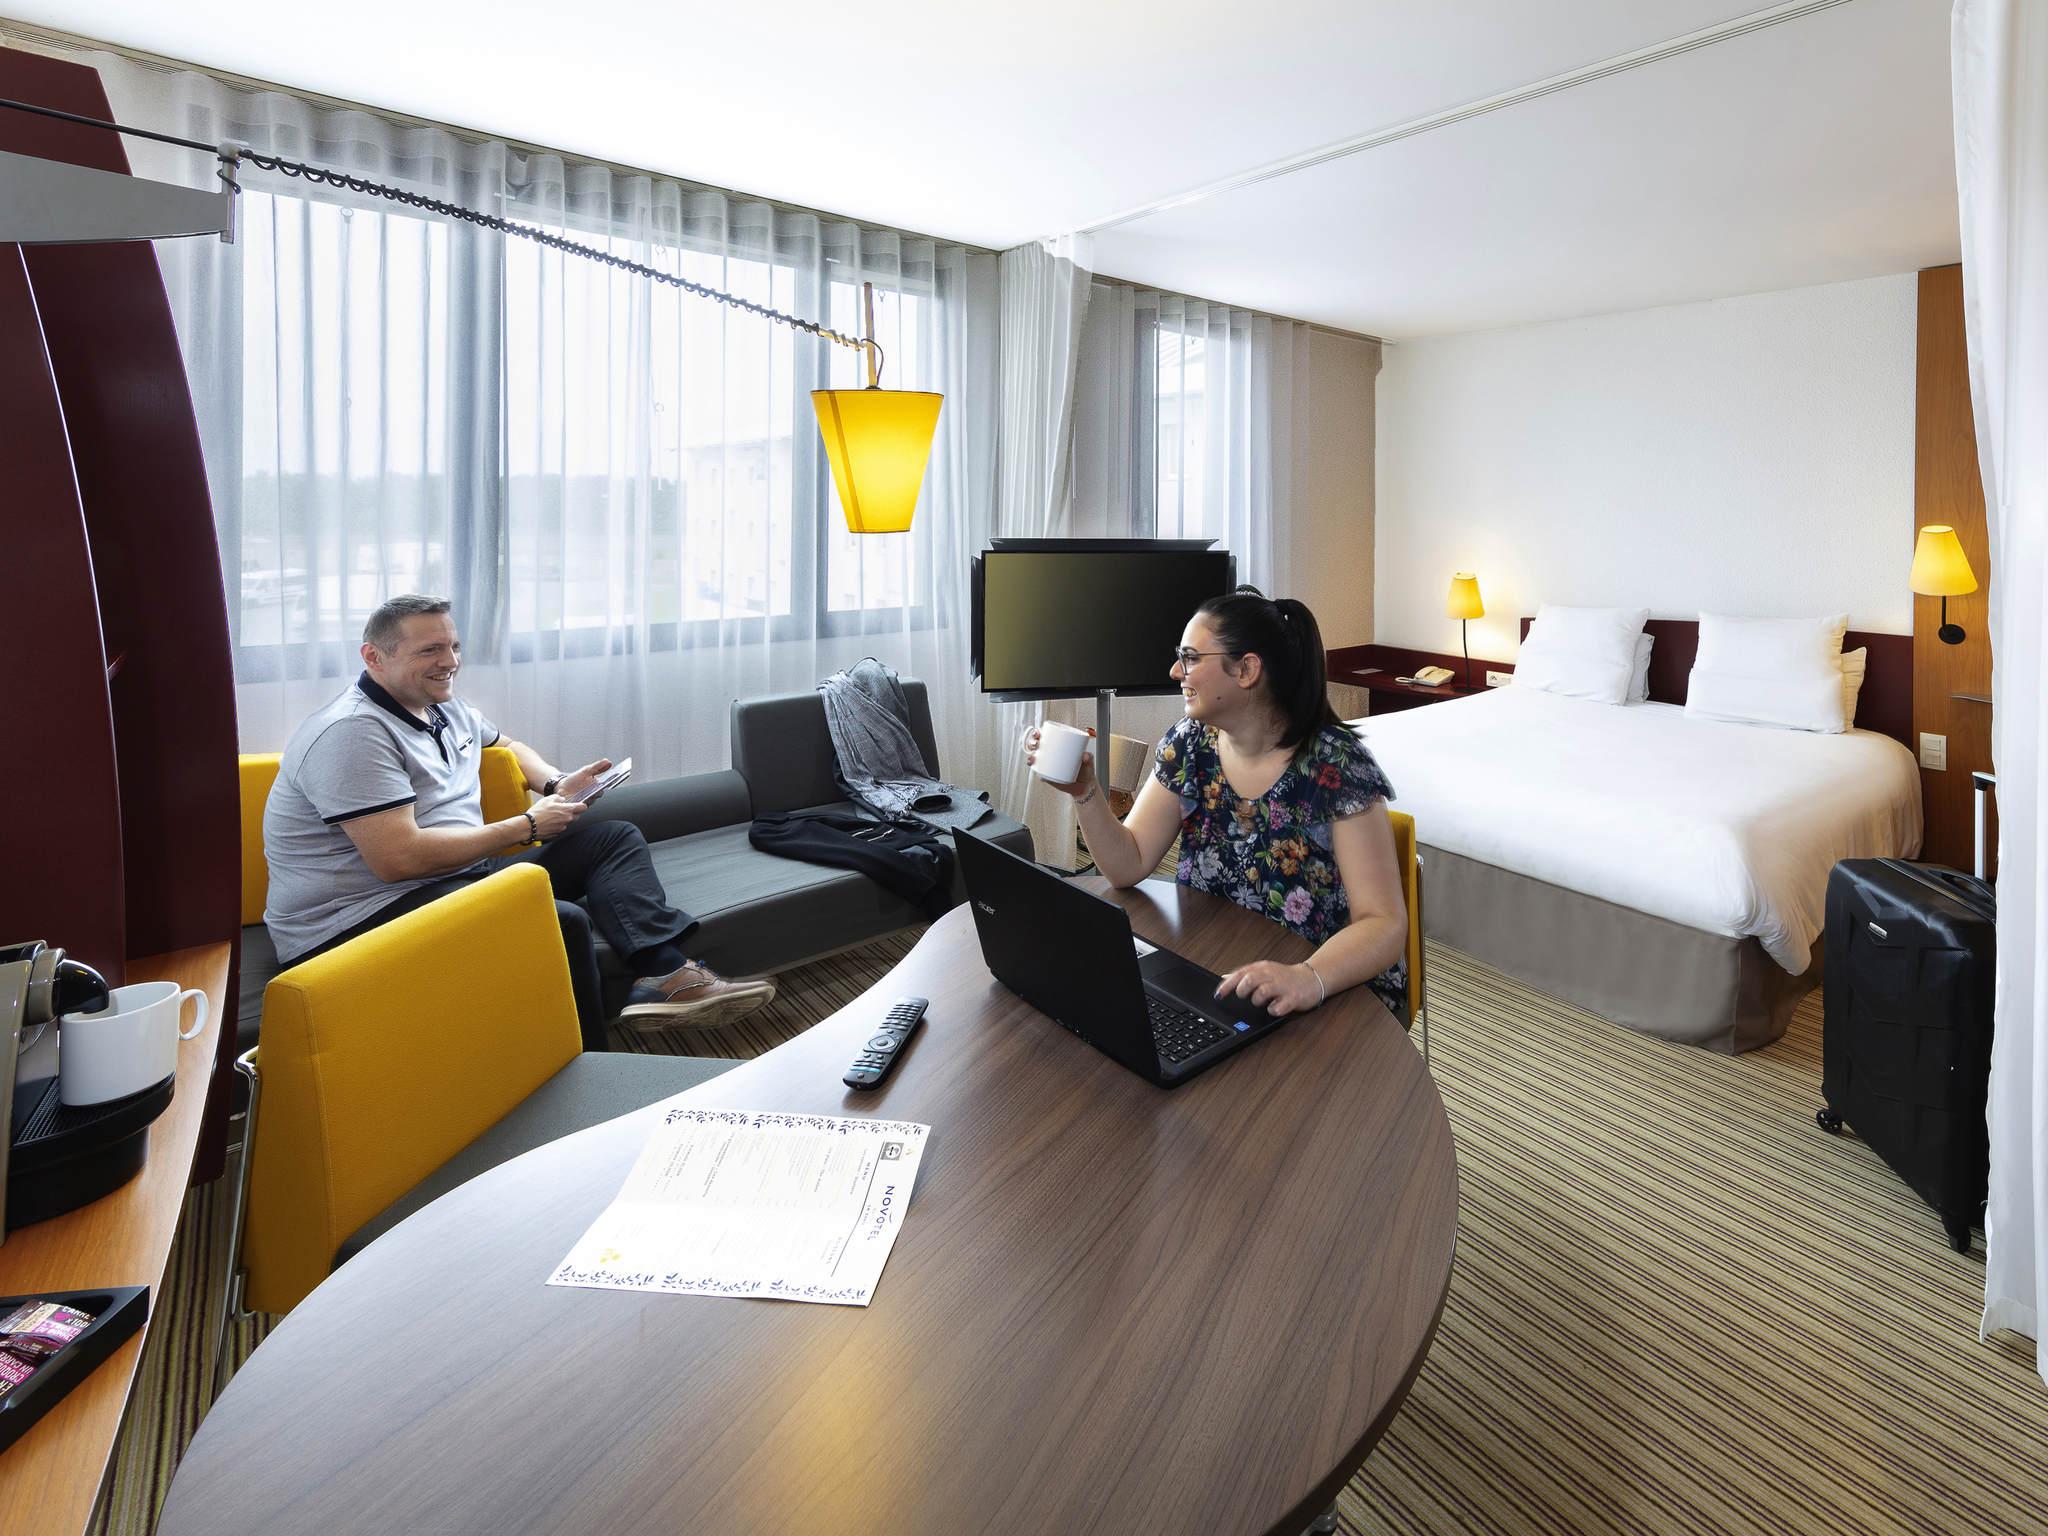 Hotel Novotel Suites Calais Coquelles Tunnel Sous La Manche